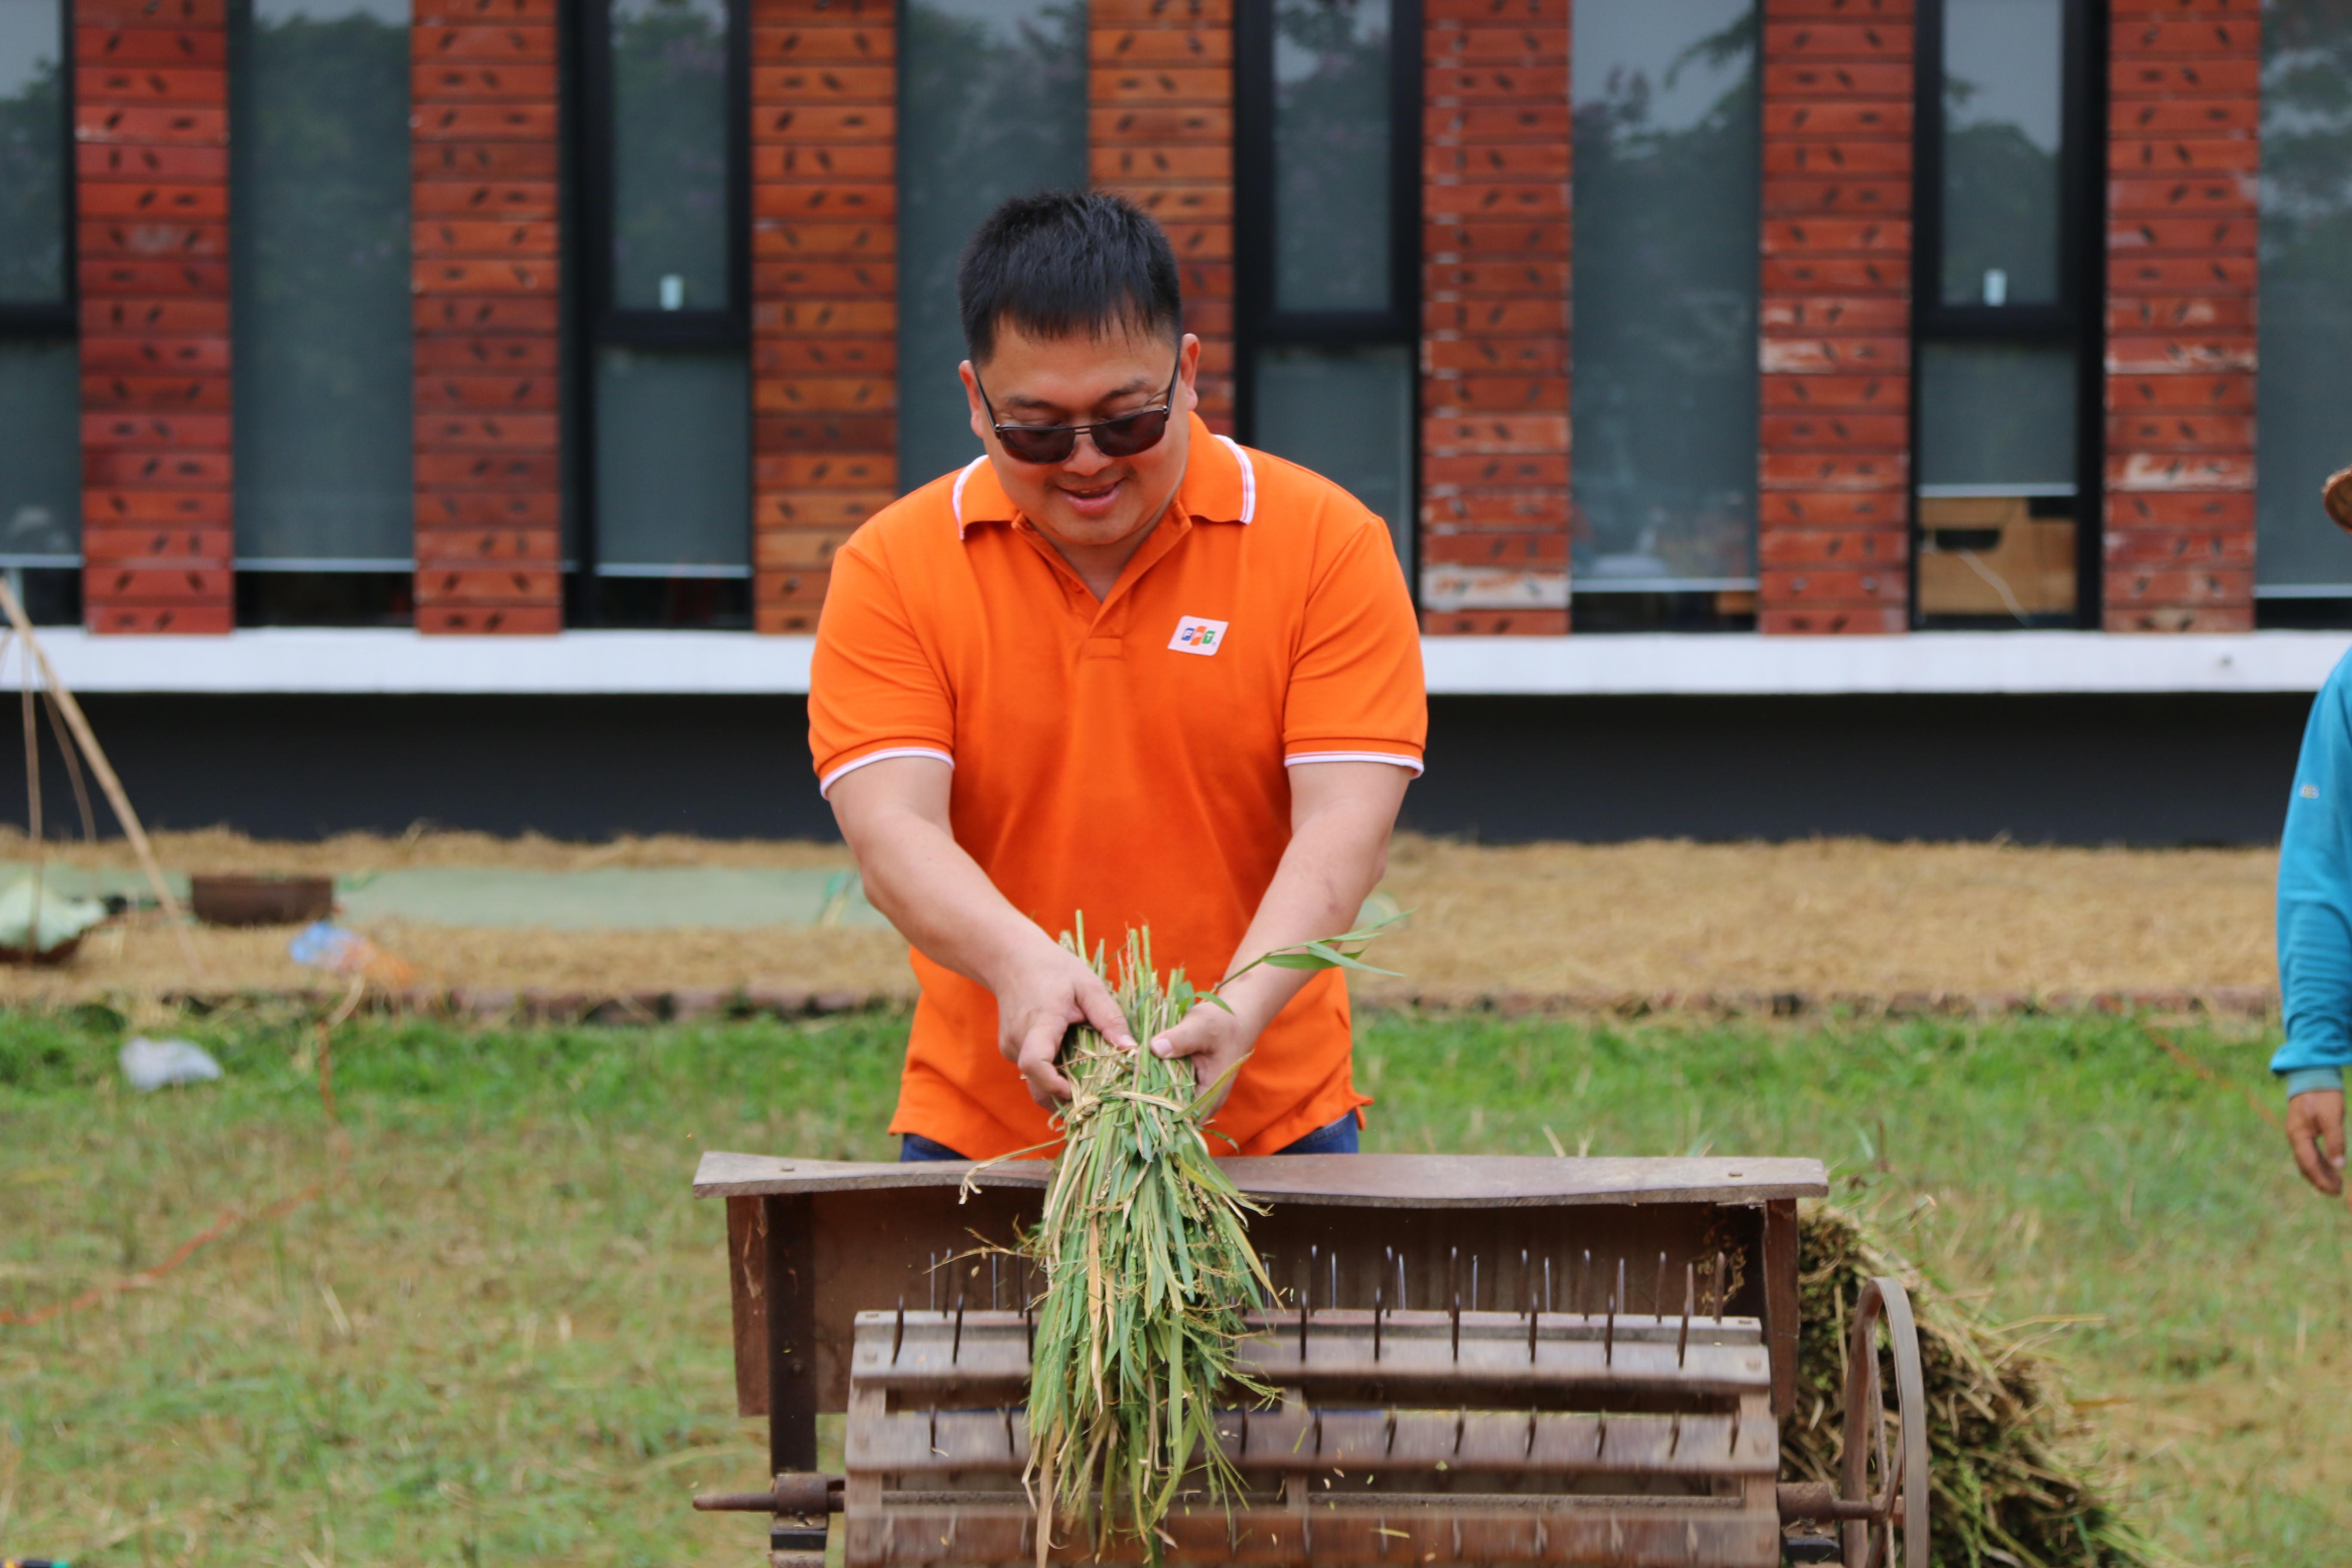 Chủ tịch nhà Phần mềm cũng trải nghiệm tuốt lúa để nhớ lại một thời tuổi thơ.